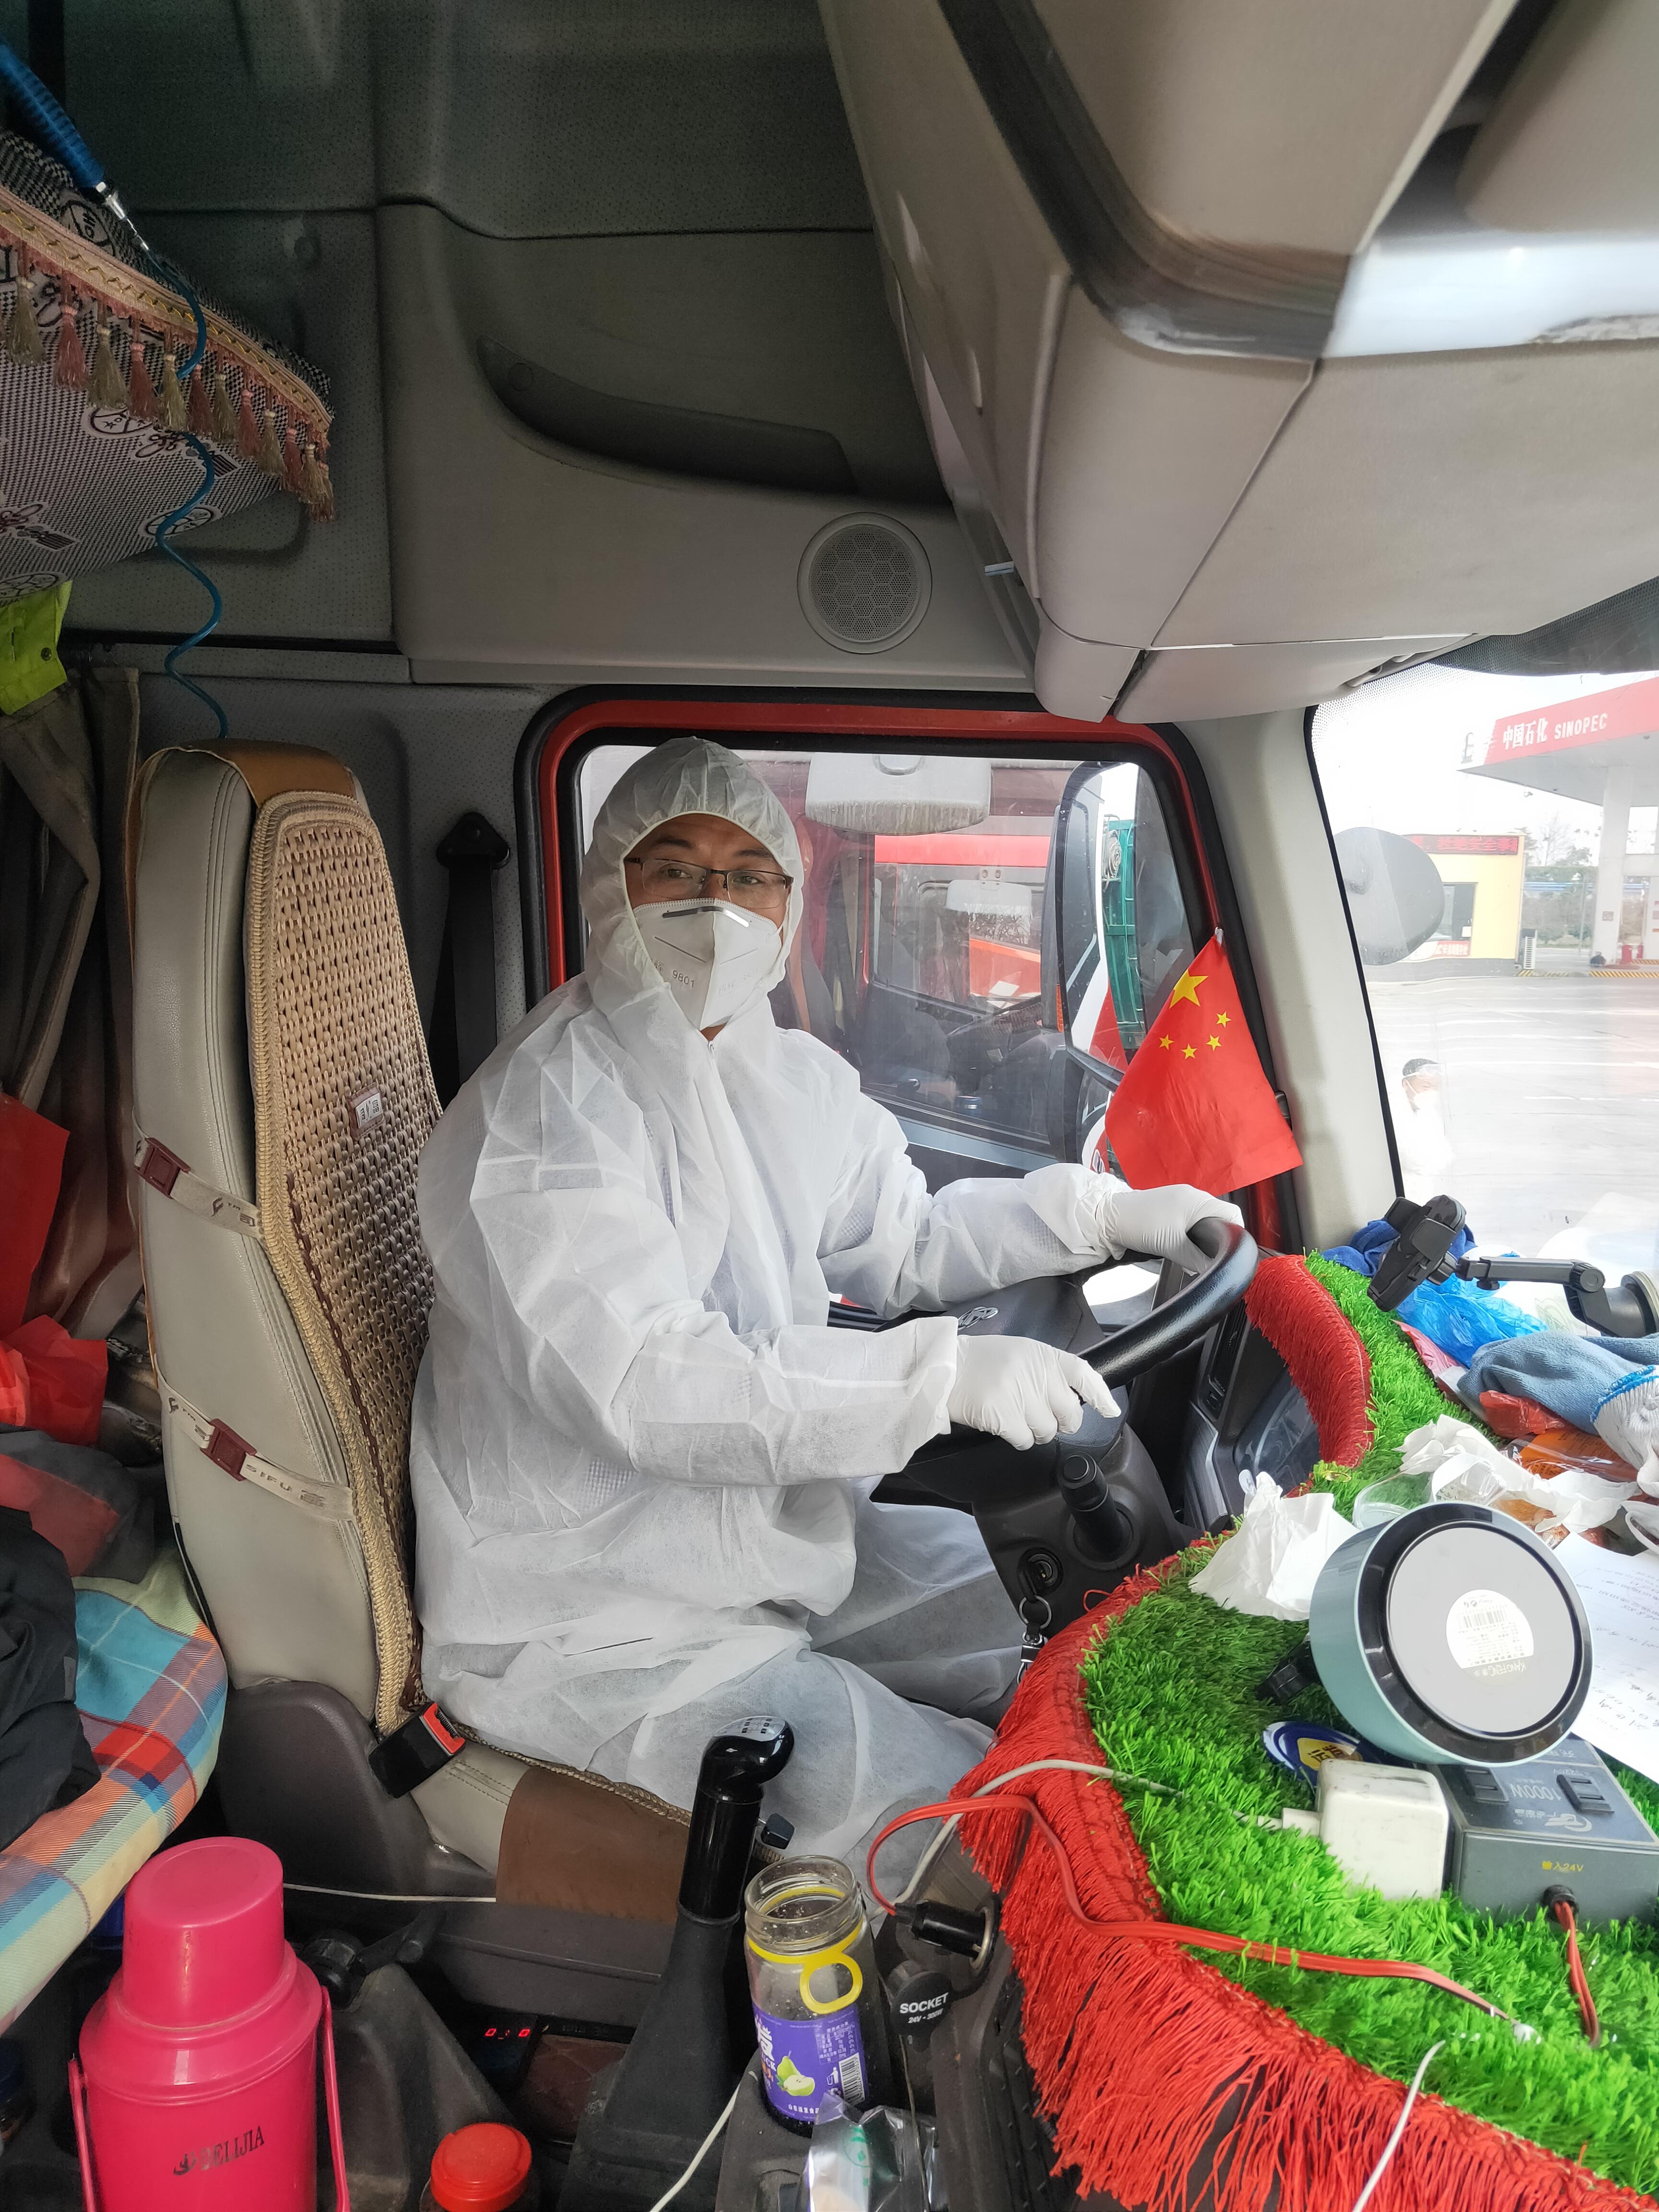 """运送应急抗疫物资的司机:找到了人生意义,但不想当""""异类"""""""